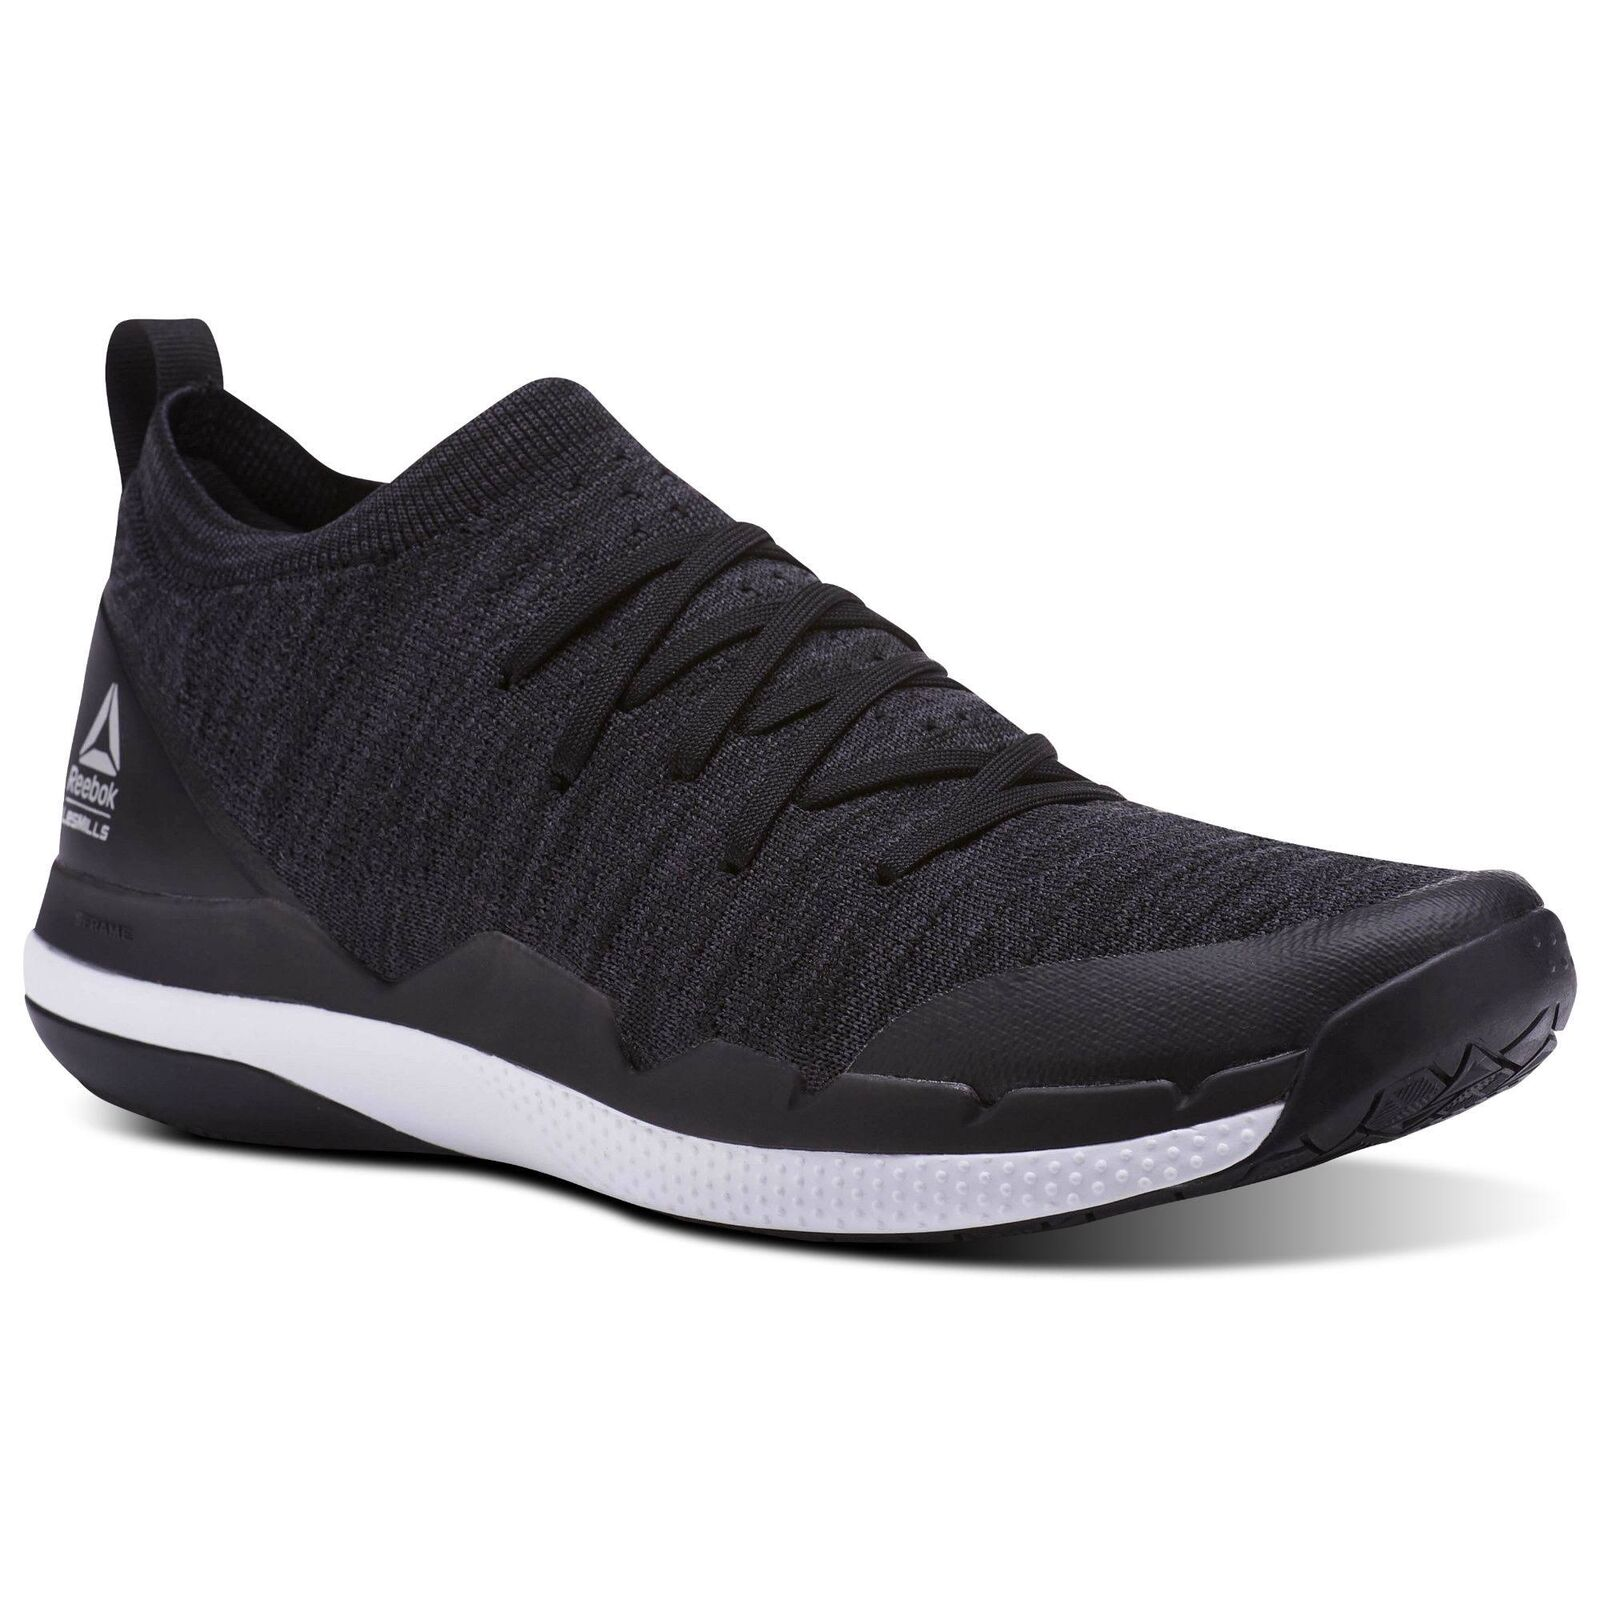 Nuevo Reebok De Hombre Ultra circuito TR ultk LM Zapatillas Negro blancoo CN5947